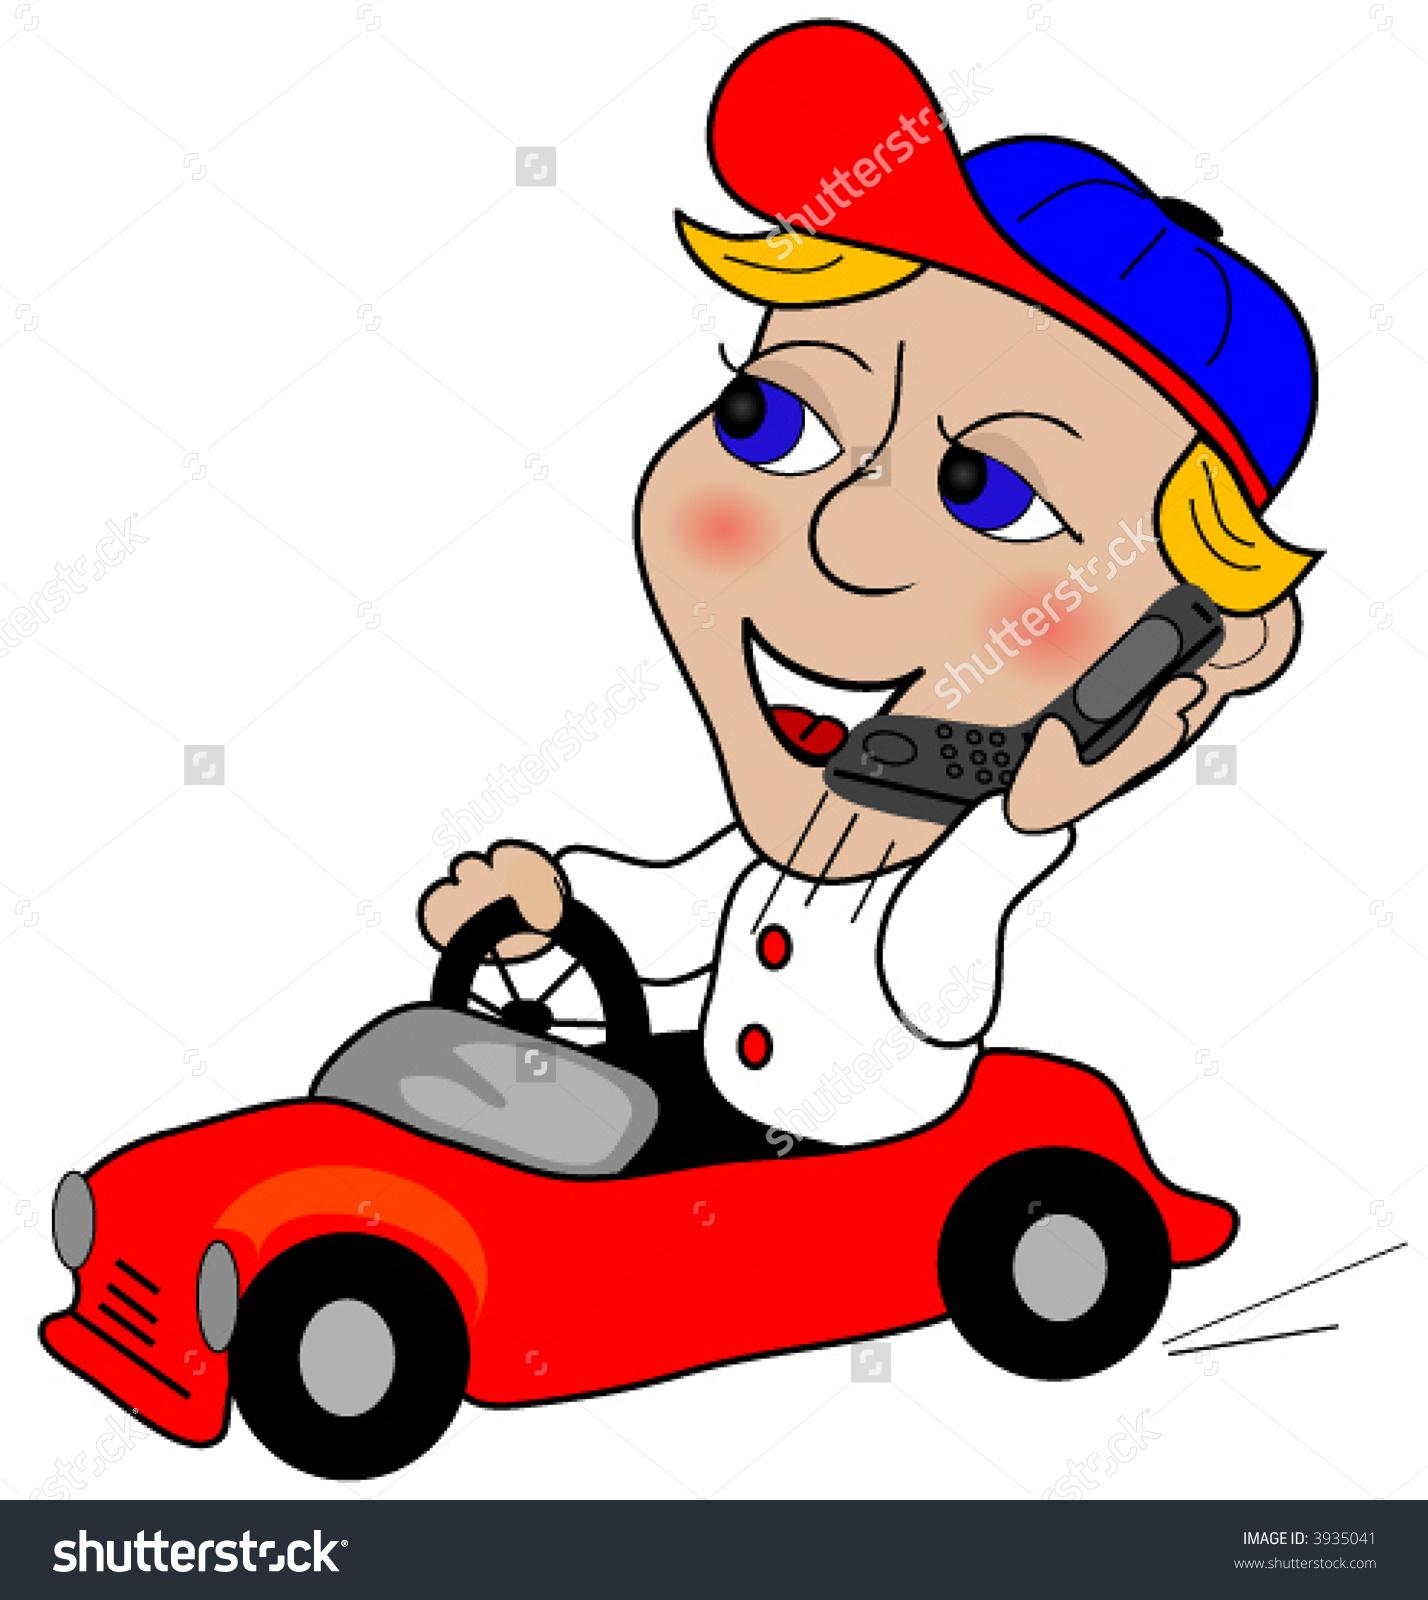 Cell Phone Car Stock Vectors & Vector Clip Art.